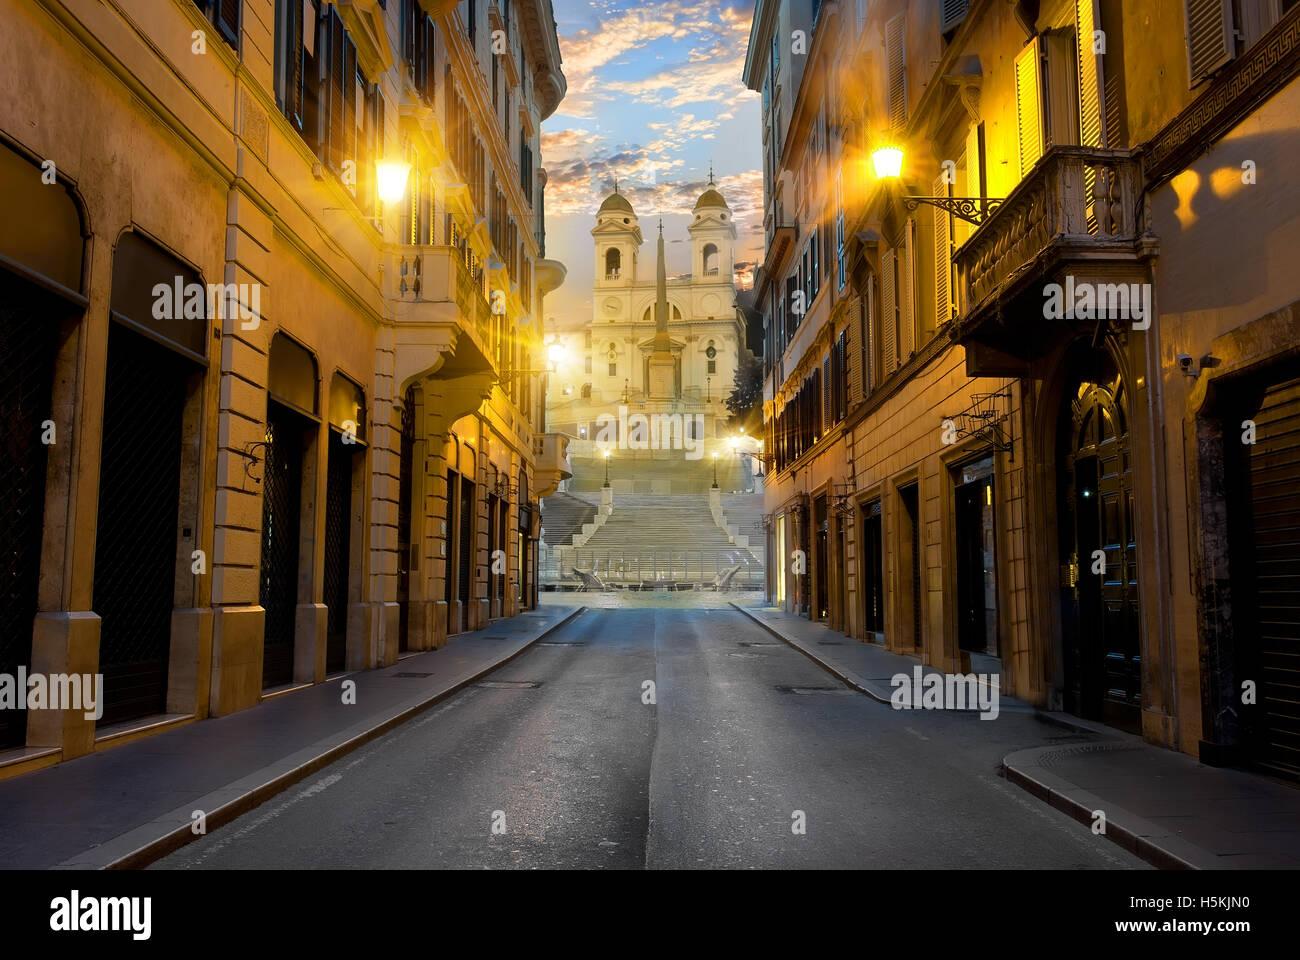 Street con il trasporto su strada a scale di spagnolo in Roma, Italia Immagini Stock